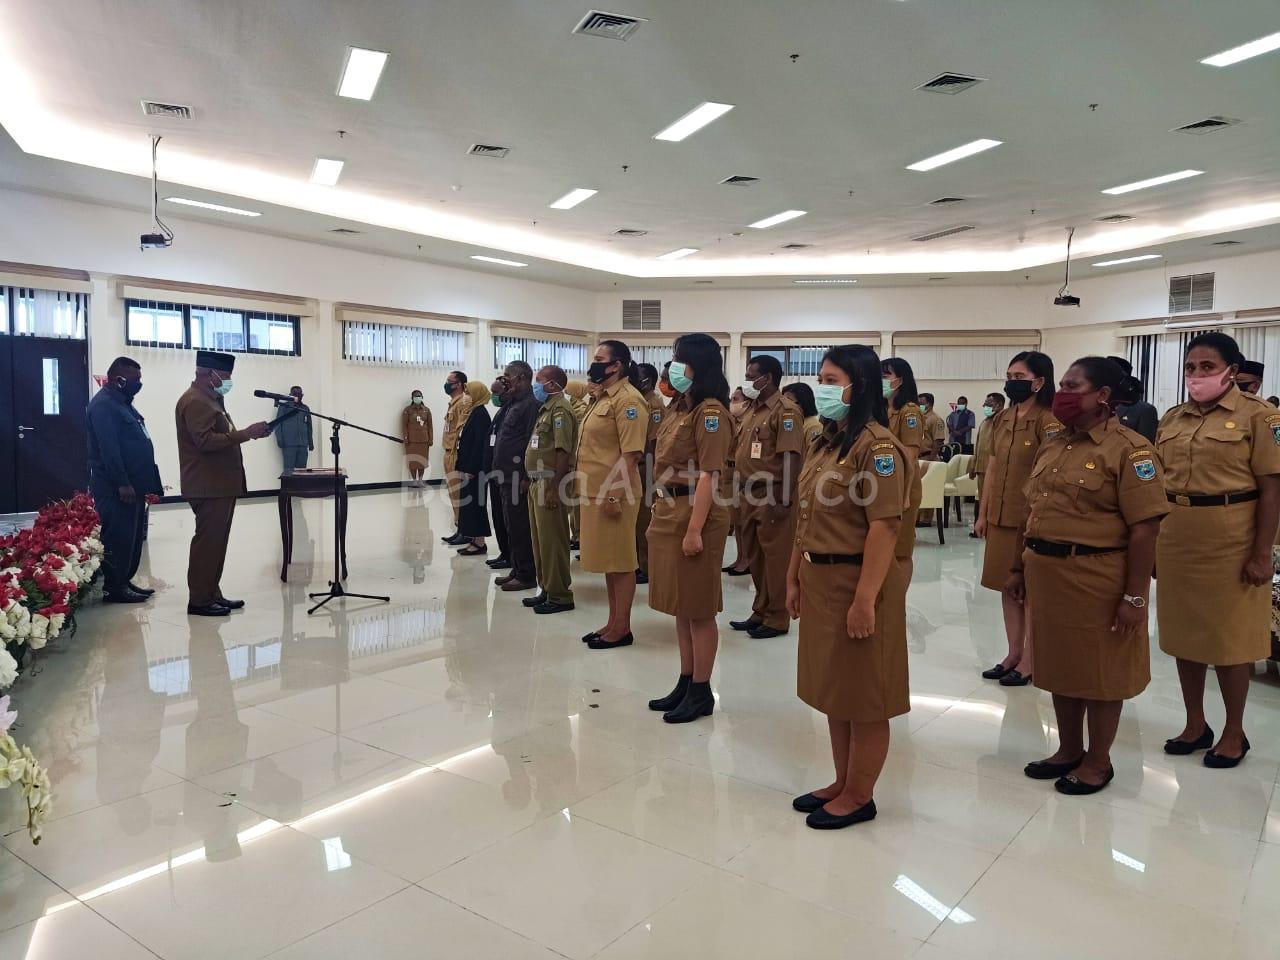 Pelantikan 45 Pejabat Dari 7 OPD Papua Barat Gunakan Masker 1 IMG 20200504 WA0020